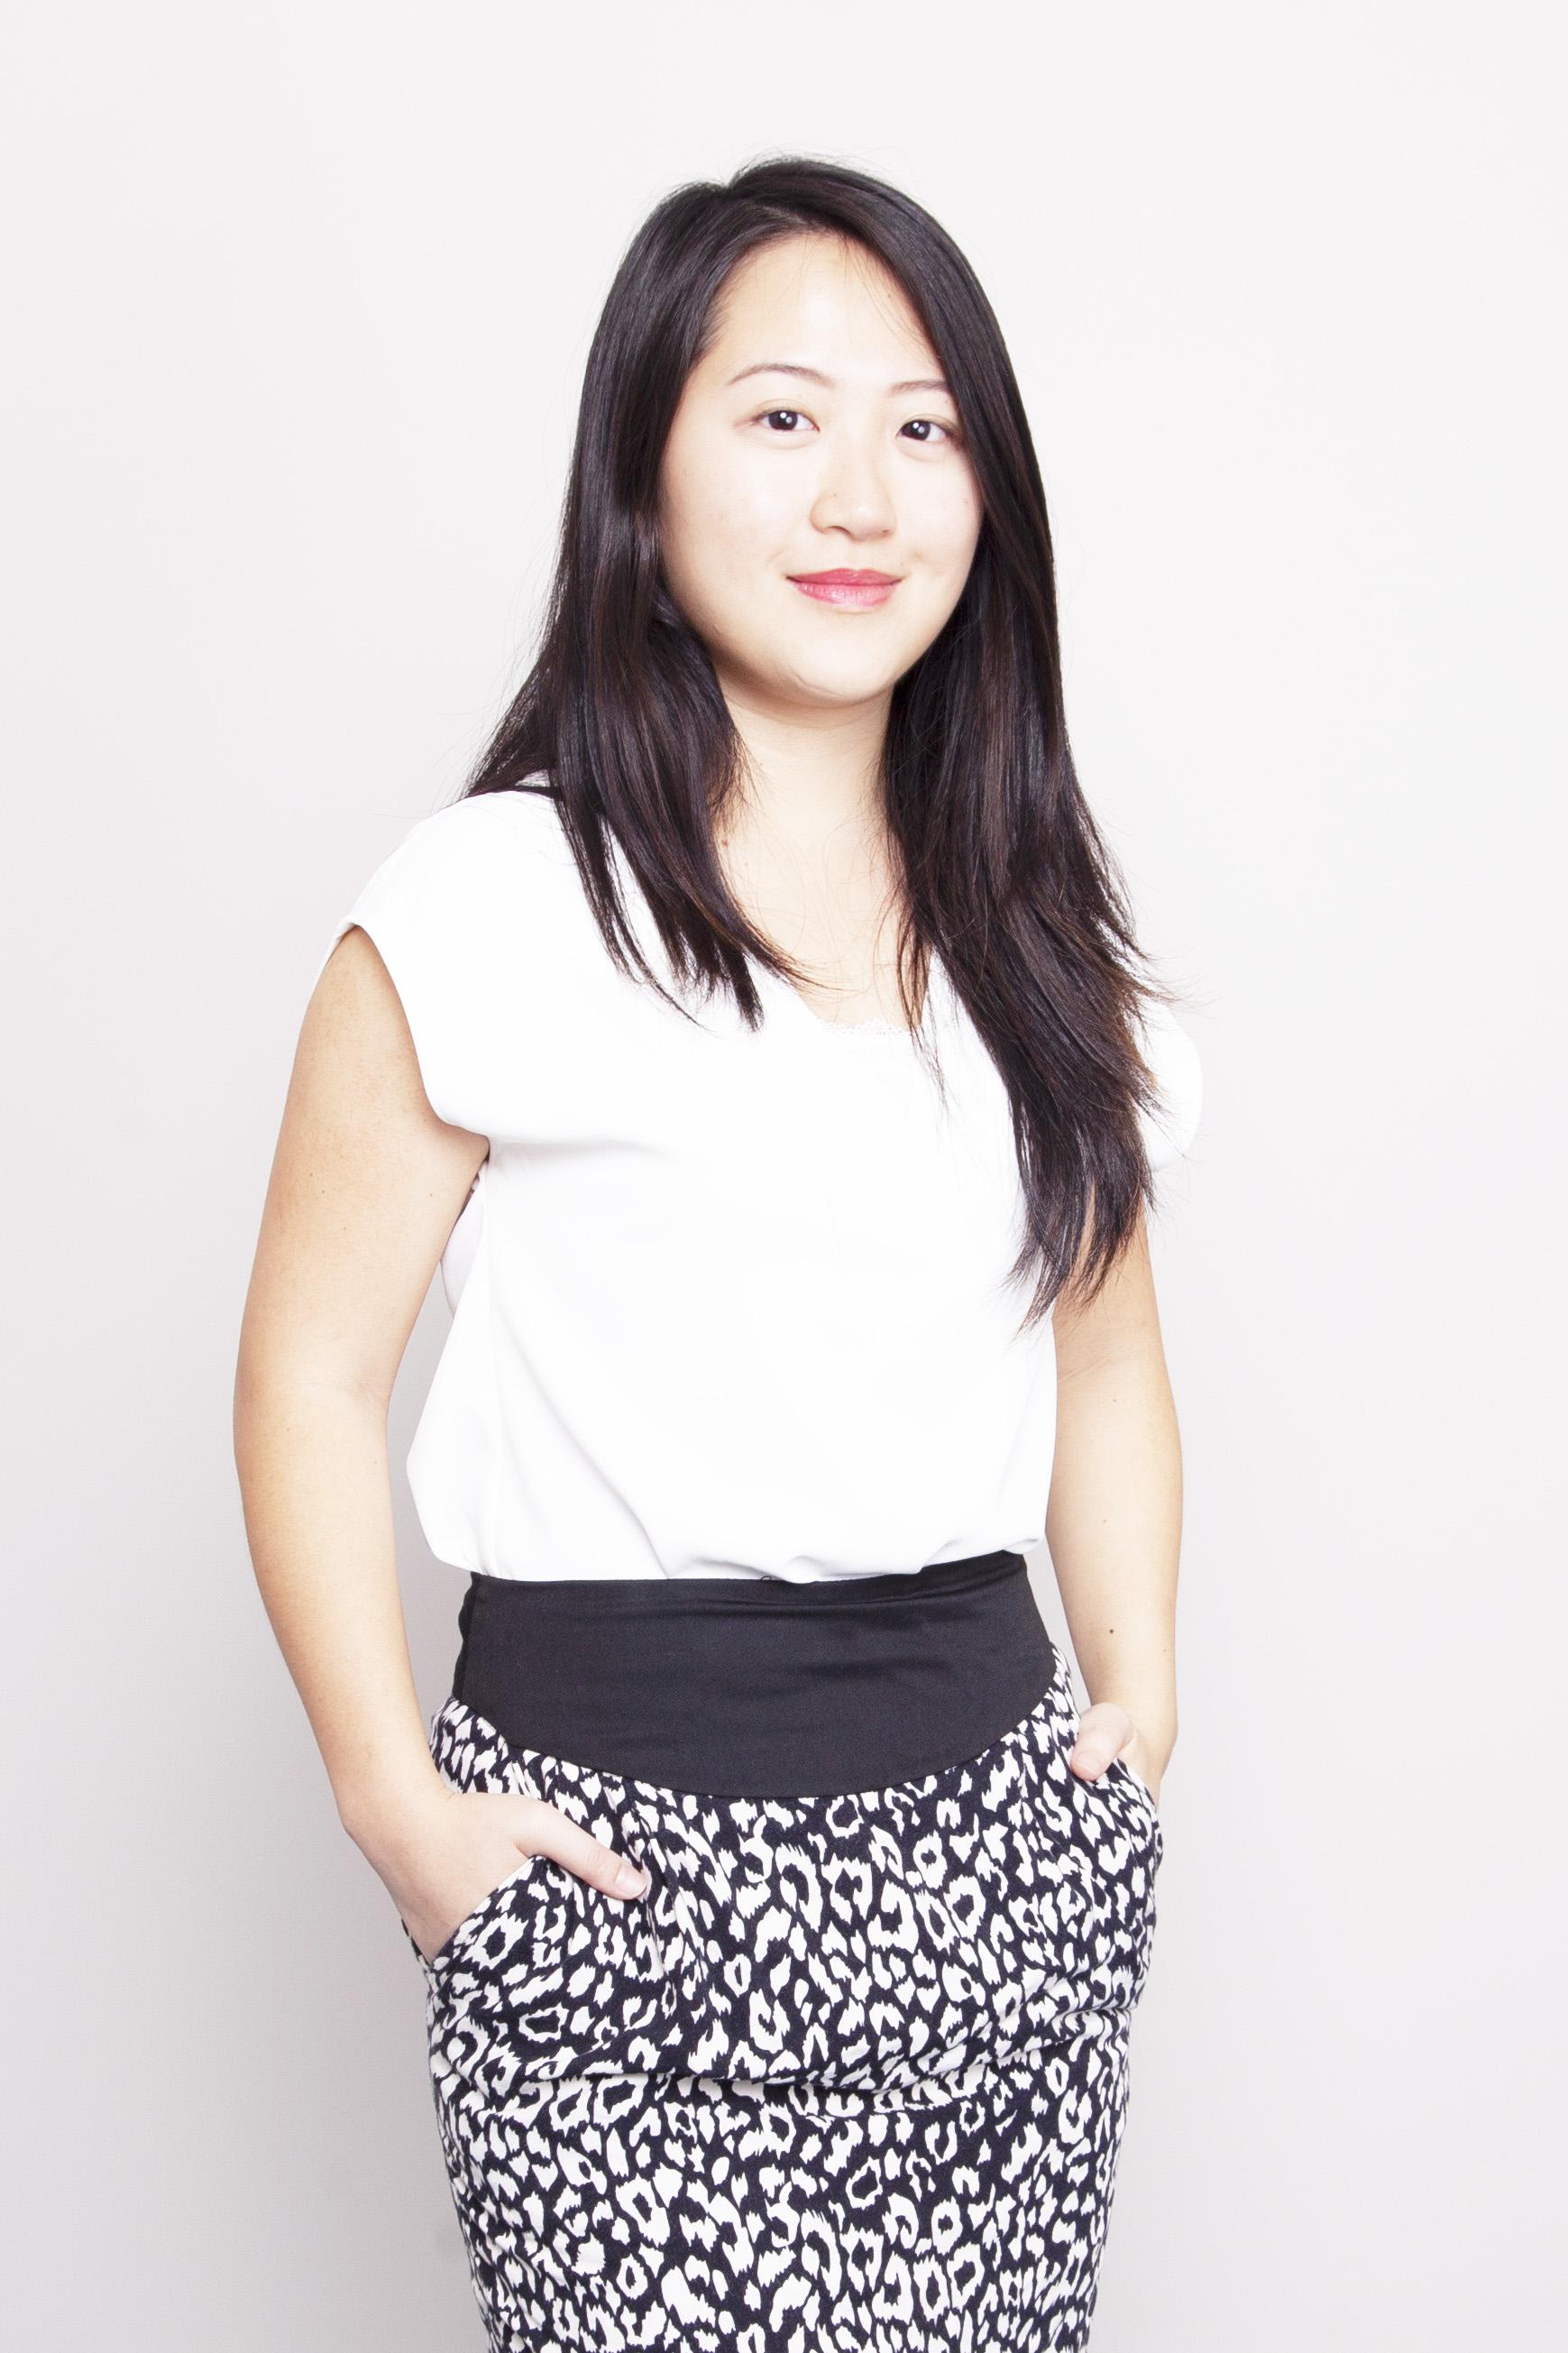 Natasha Dominique Ng, HAWS's General Manager